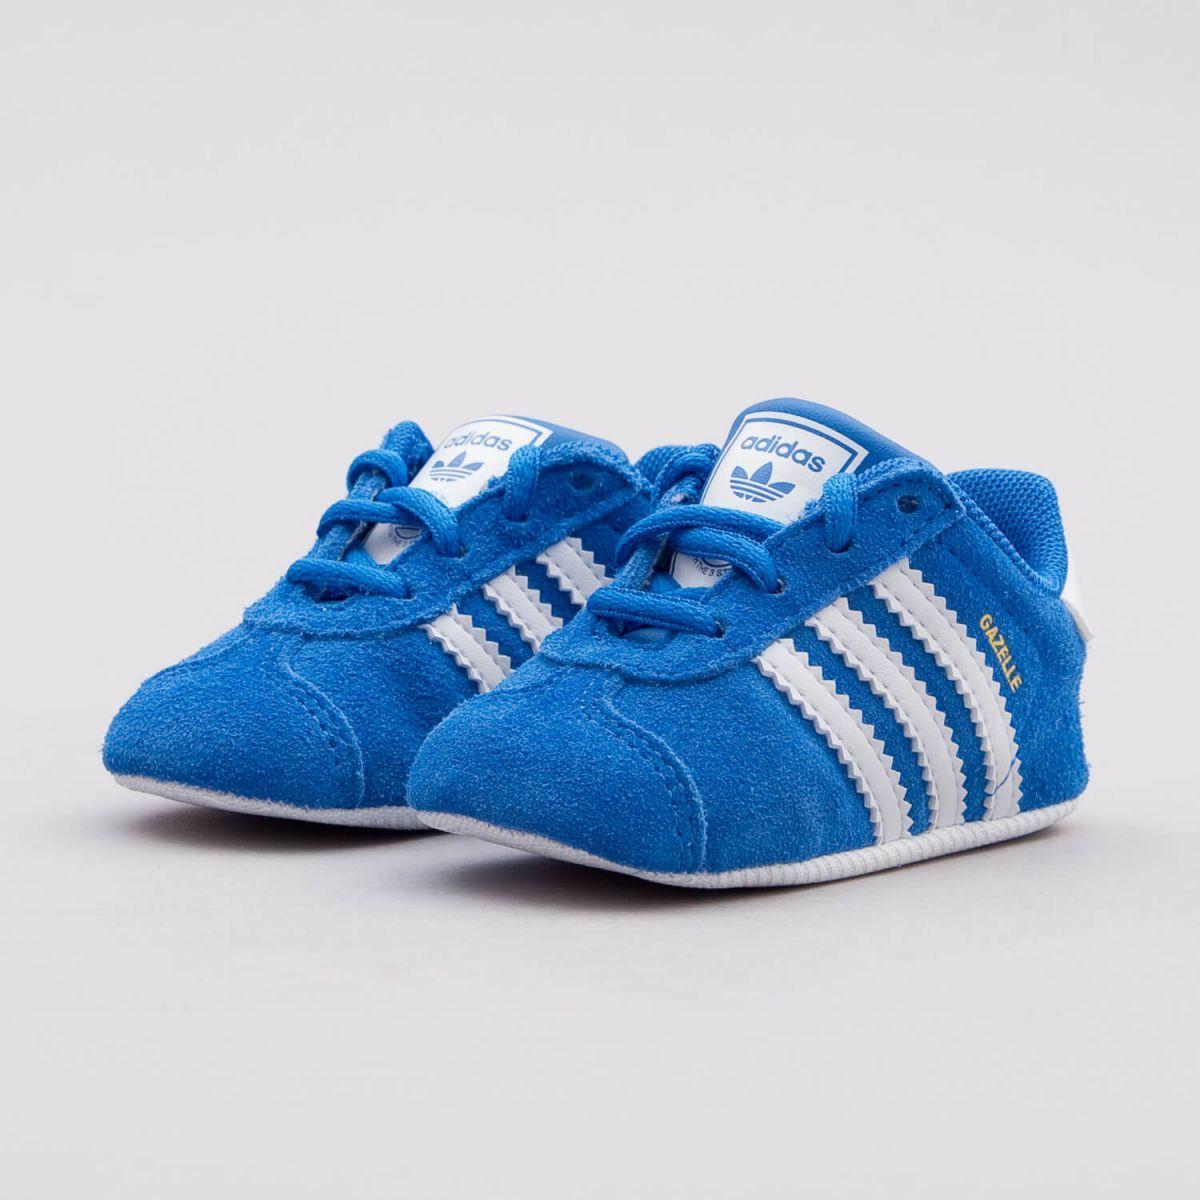 Buty dziecięce Adidas GAZELLE CRIB, rozm. 16-20 @Runcolors